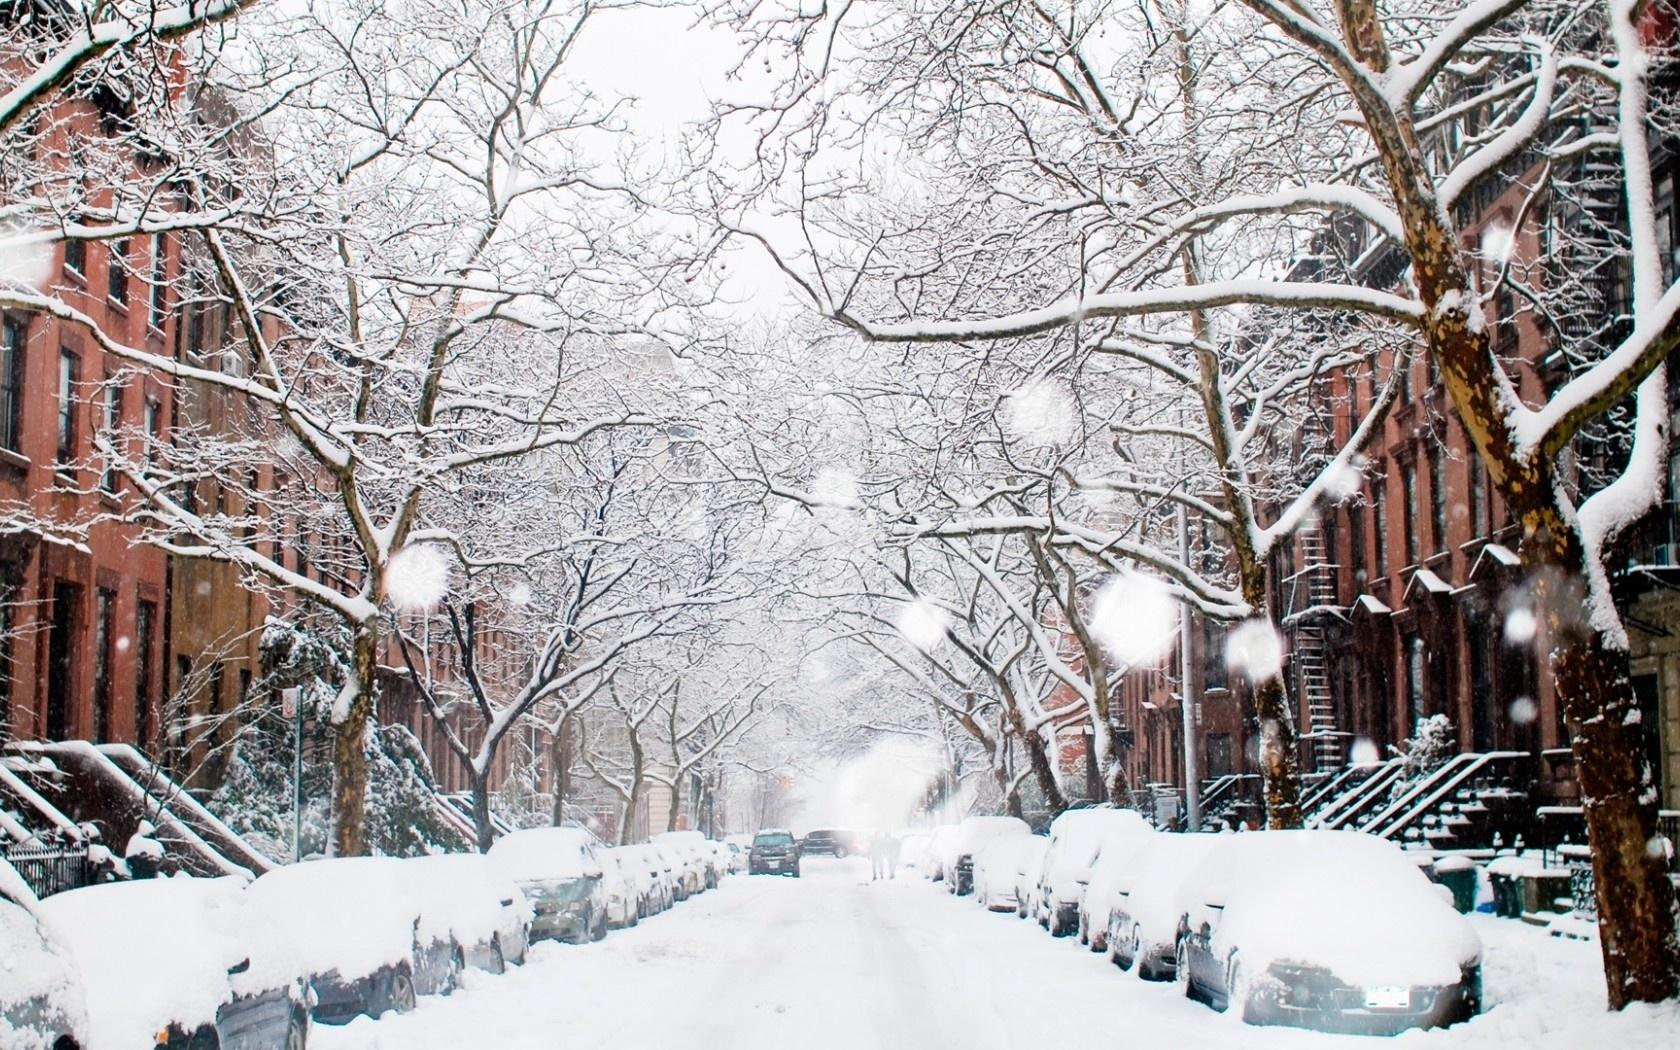 20479 скачать обои Пейзаж, Зима, Дороги, Снег - заставки и картинки бесплатно